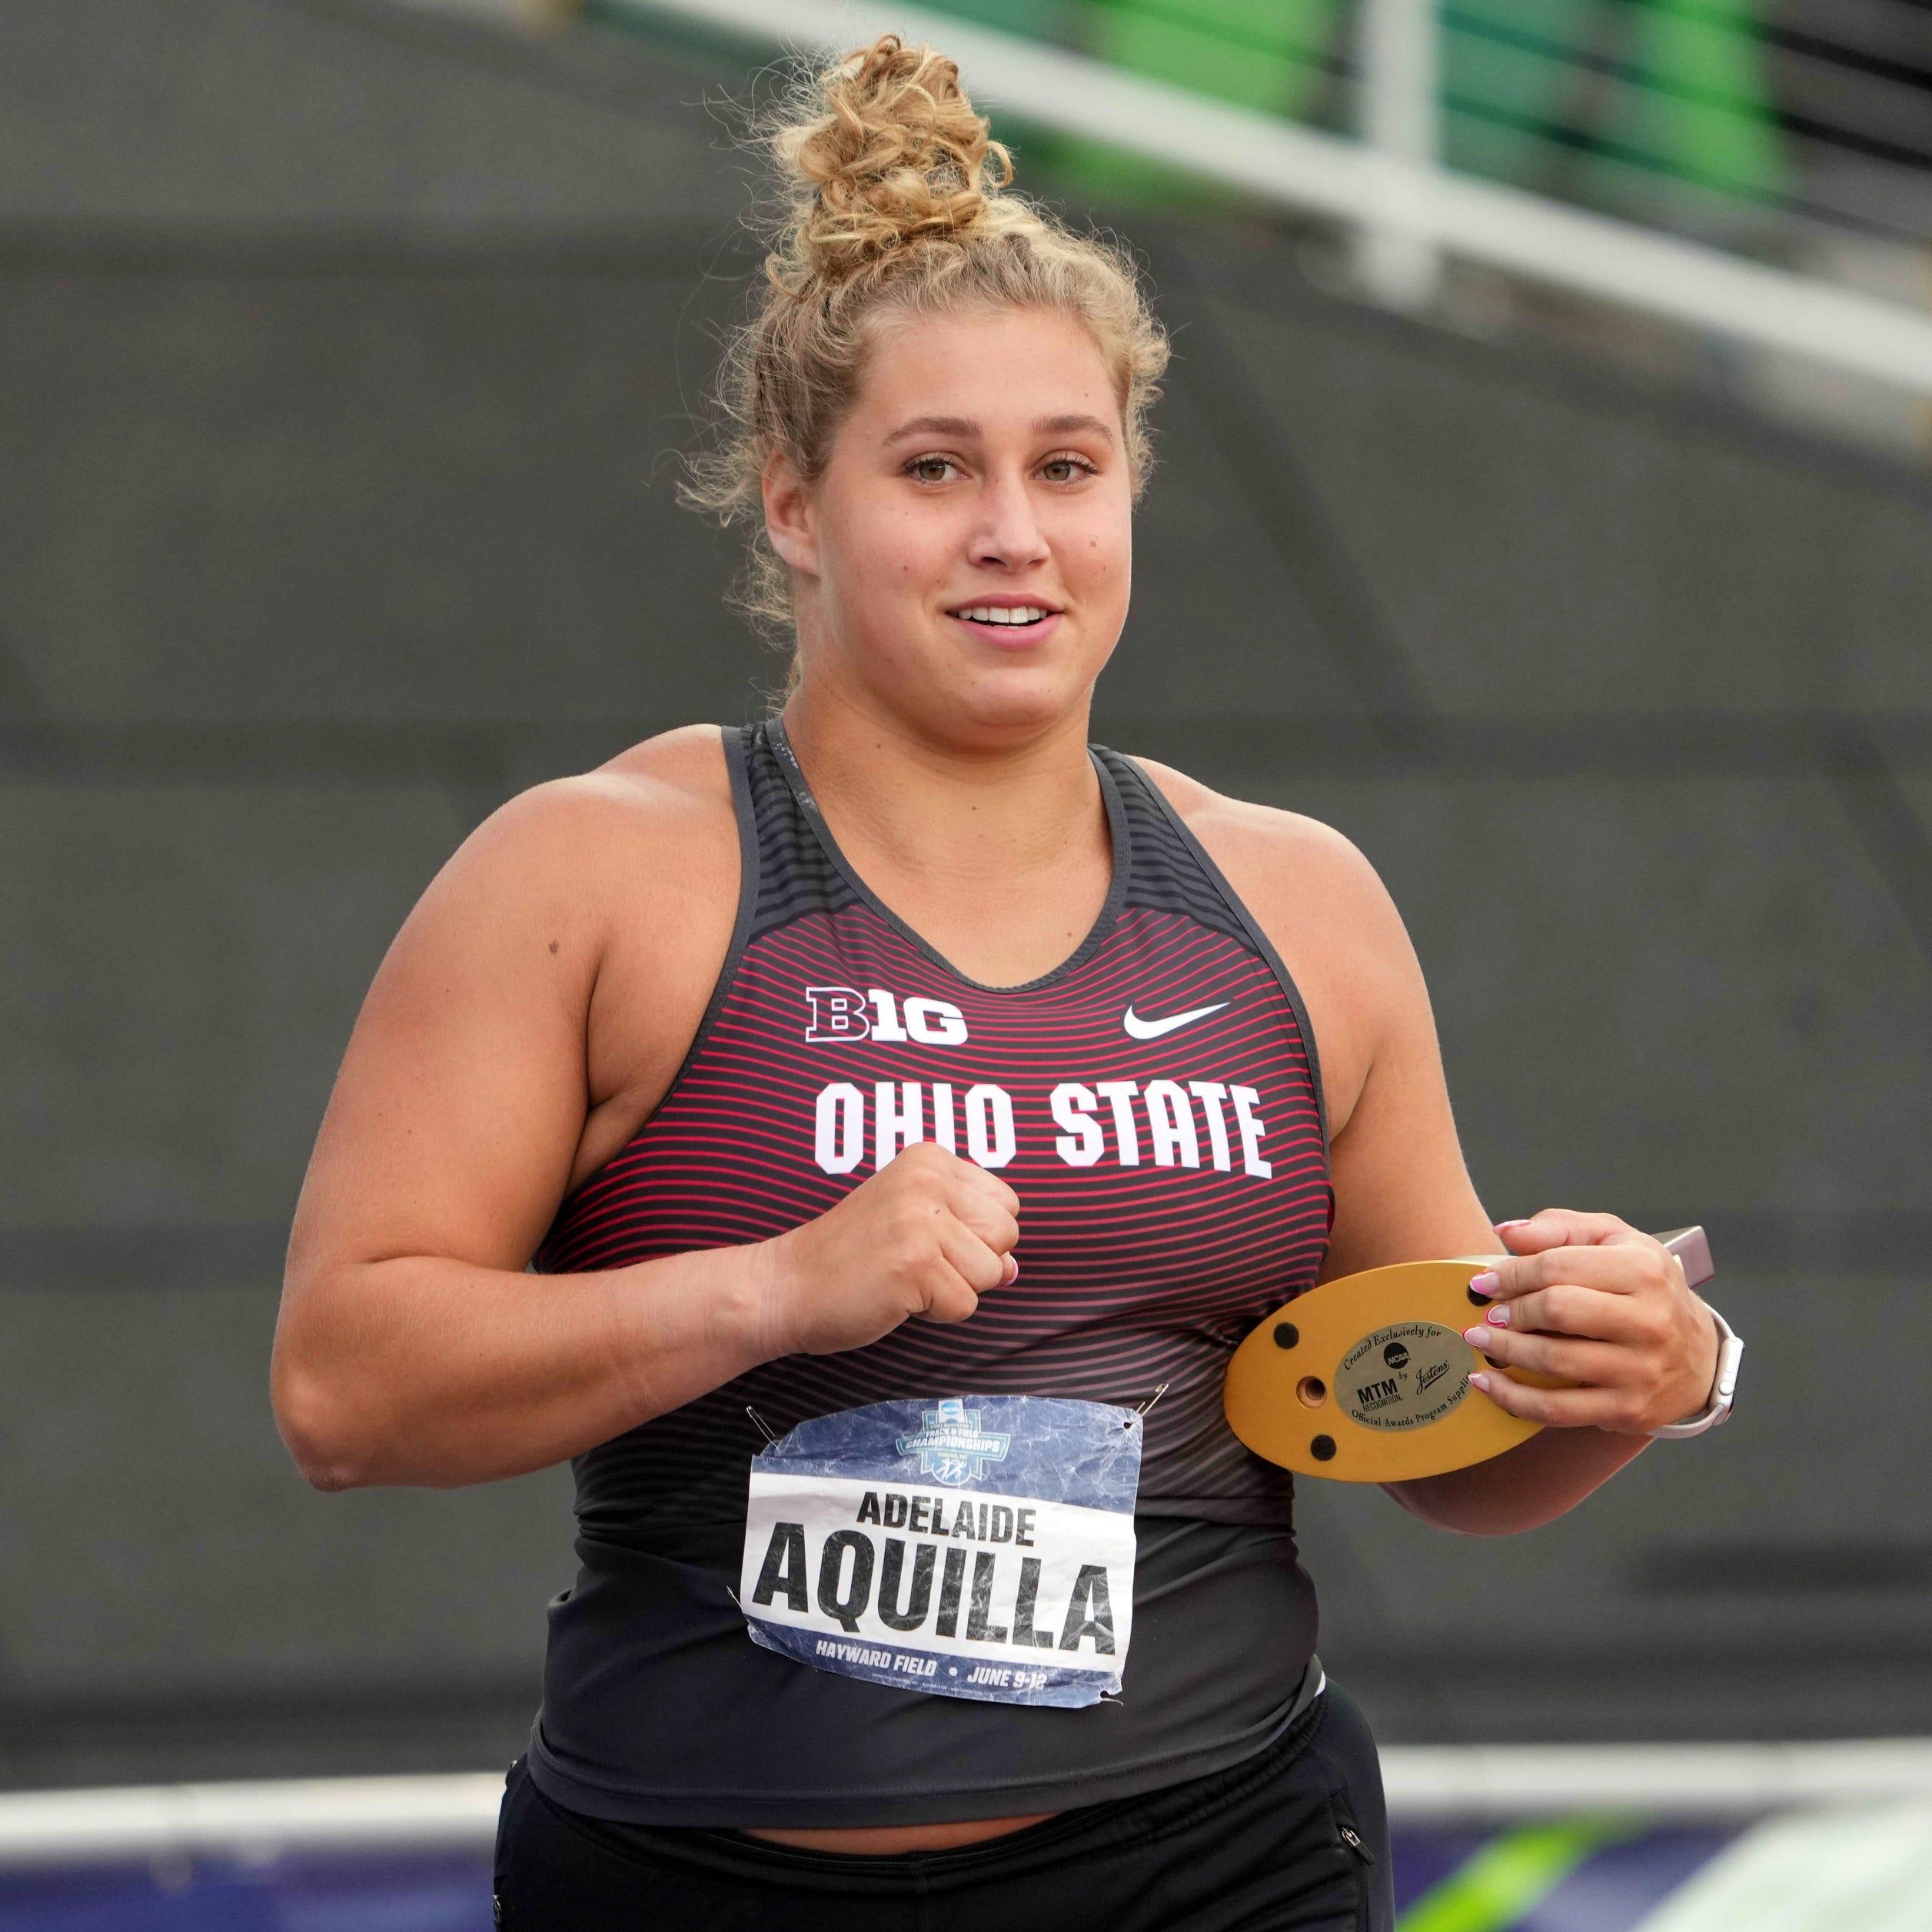 Adelaide Aquilla